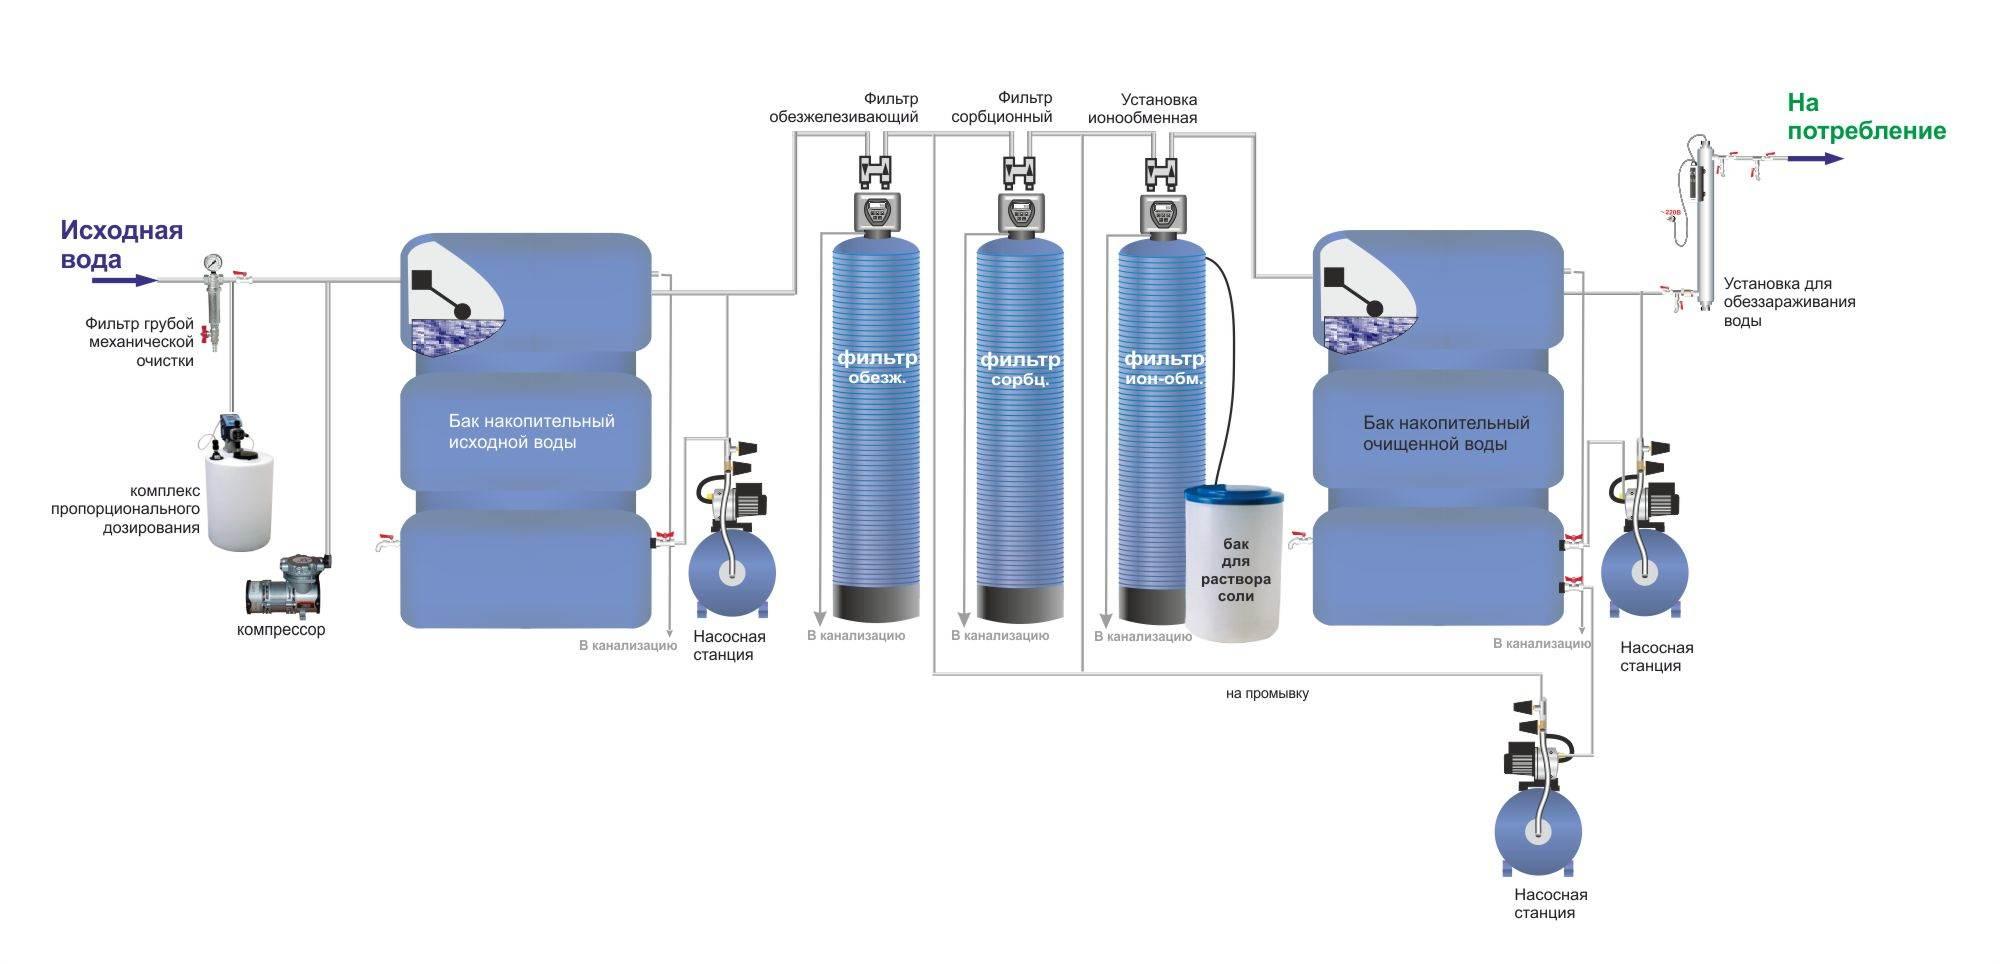 Промышленные фильтры для очистки воды – этапы очищения, виды и сфера применения